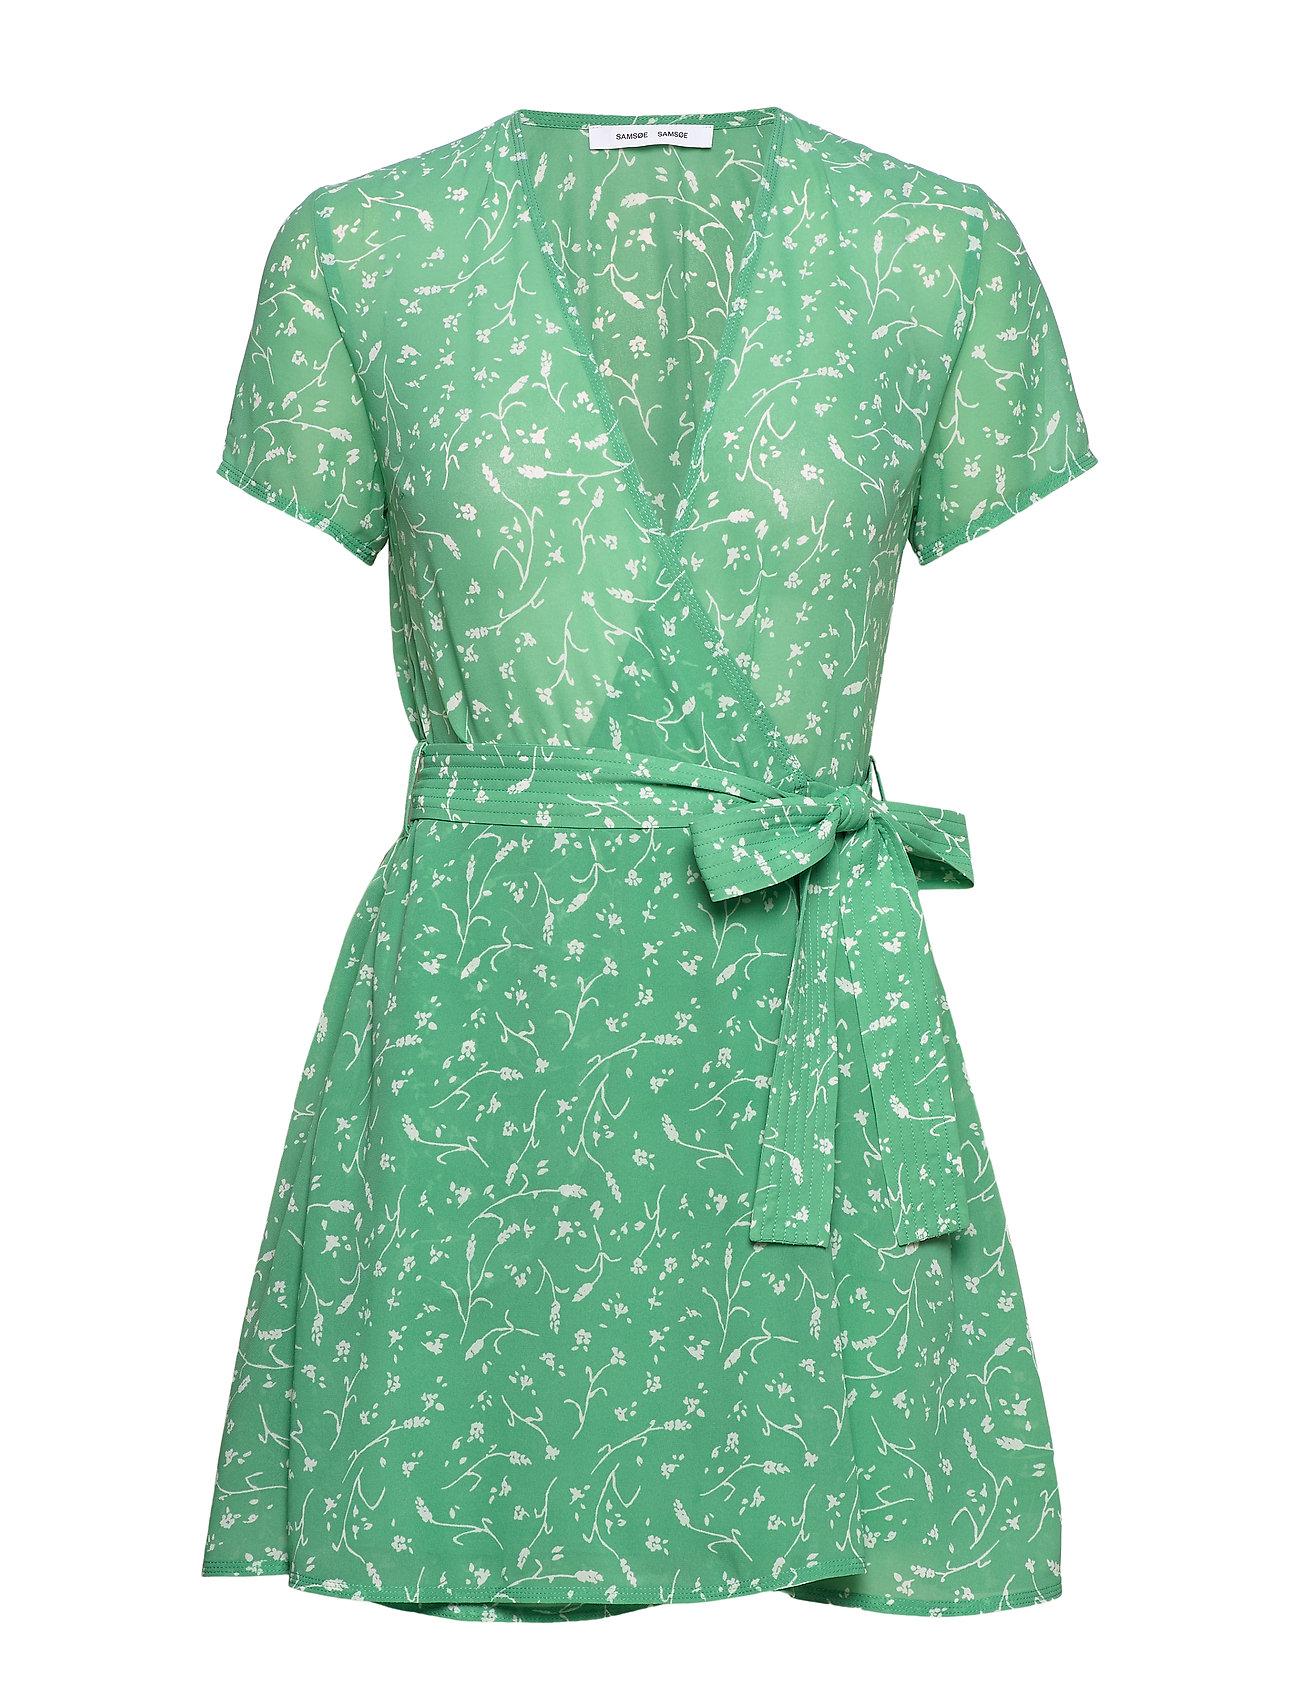 Samsøe Samsøe Klea short dress aop 6621 - FEUILLES MENTHE